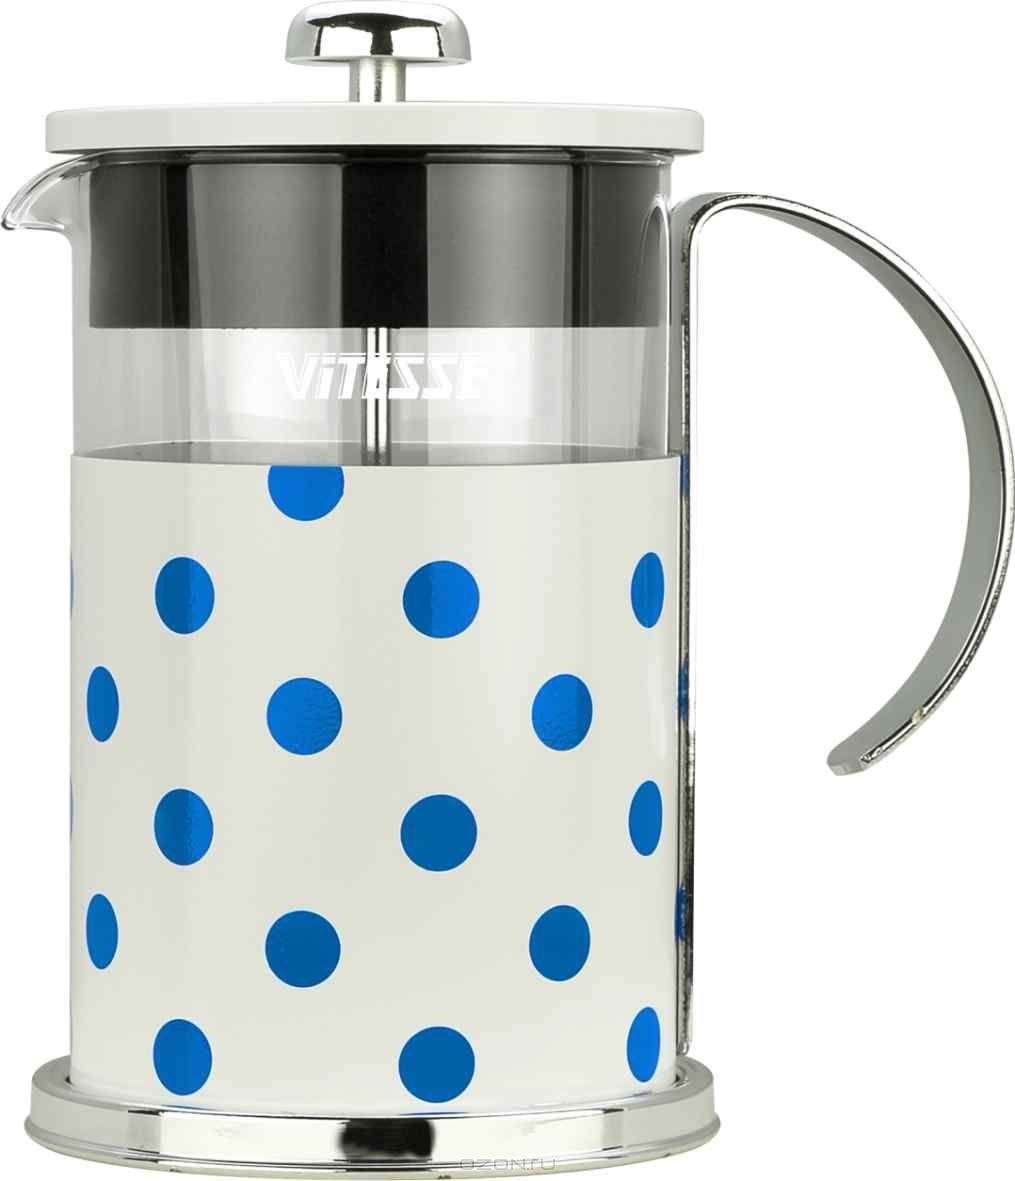 Кофеварка френч-пресс Vitesse, с мерной ложкой, цвет: голубой, 800 мл. VS-2623VS-2623Кофеварка Vitesse с фильтром френч-пресс поможет вам в приготовлении ароматного кофе. Колба френч-пресса Vitesse выполнена из термостойкого стекла, что позволяет наблюдать процесс настаивания и заваривания напитка, а также обеспечивает гигиеничность посуды. Внешний корпус, выполненный из нержавеющей стали с цветным изображением, долговечен, прочен и устойчив к деформации и образованию царапин. Френч-пресс имеет удобную ручку, носик, а так же мерную ложку, выполненную из пластика. Кофеварки предназначены для приготовления кофе методом настаивания и отжима. Вы также можете использовать френч-пресс для заваривания чая и различных трав. Уникальный дизайн полностью соответствует последним модным тенденциям в создании предметов бытовой техники. Можно использовать в посудомоечной машине.